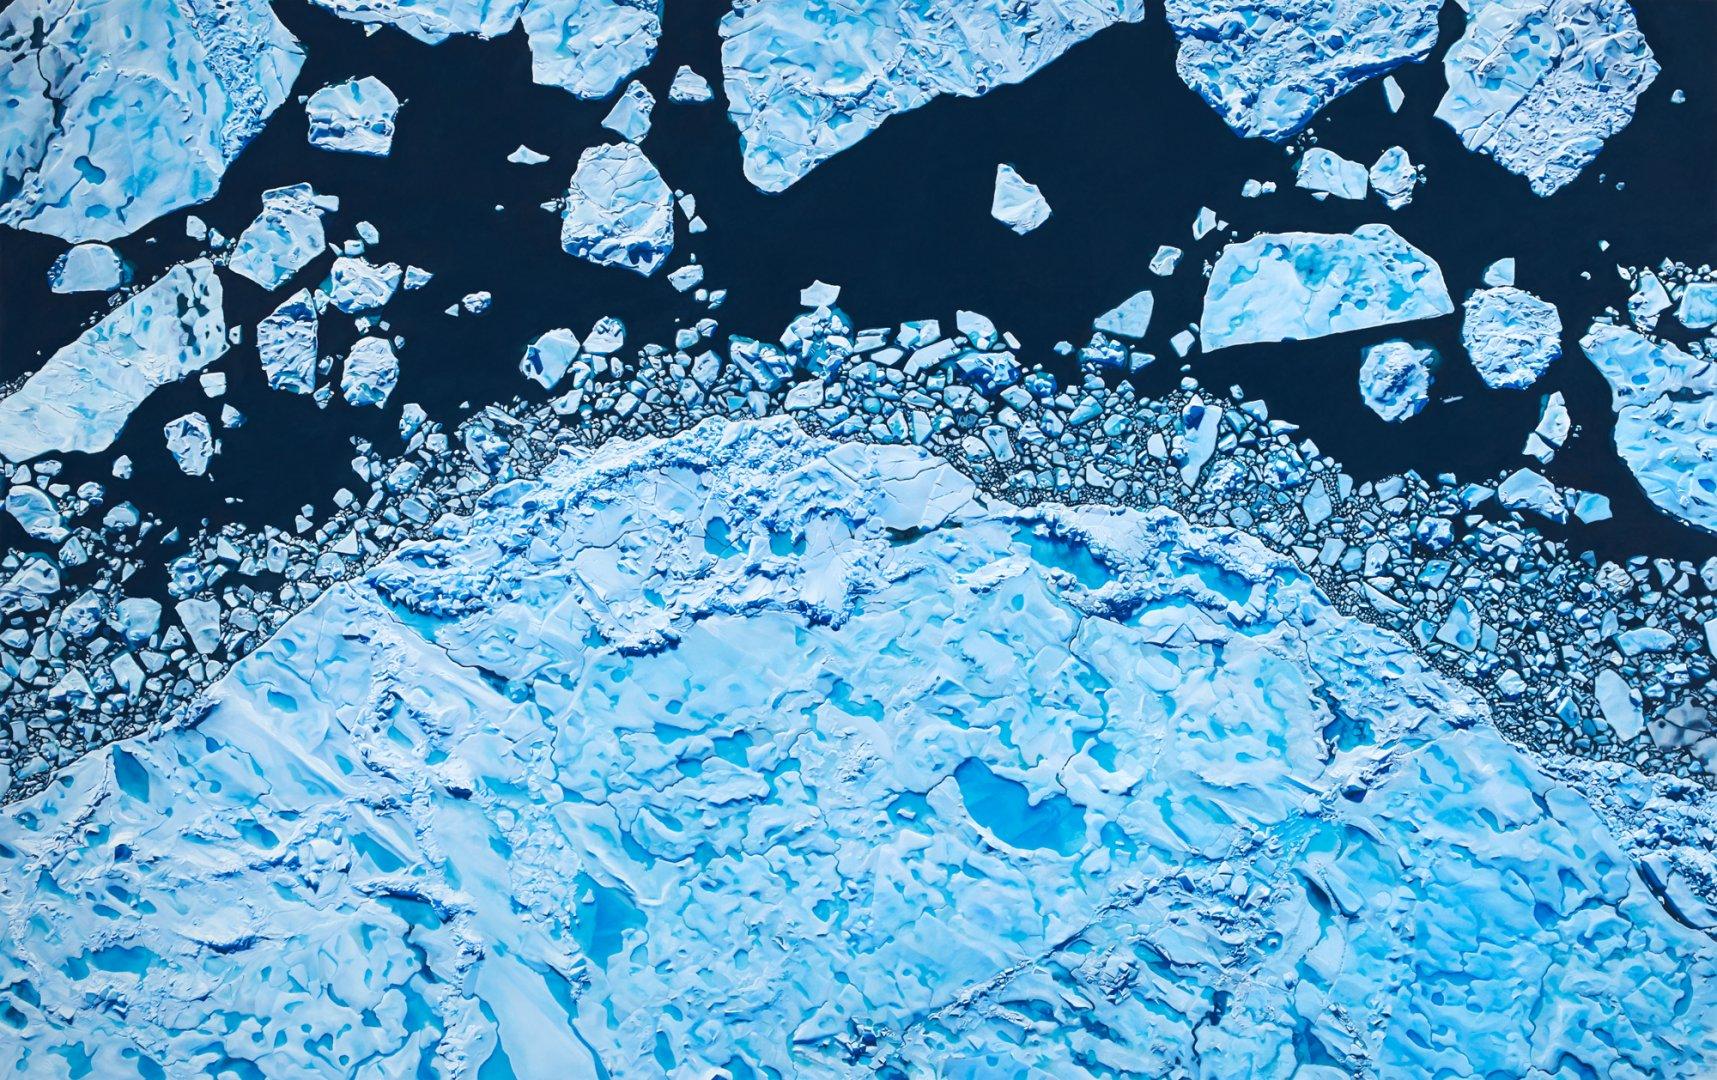 Lincoln-Sea-Greenland-82-32-30_3036N-59-54-50_3814W-July-24th-2017-68x108-2019.jpg